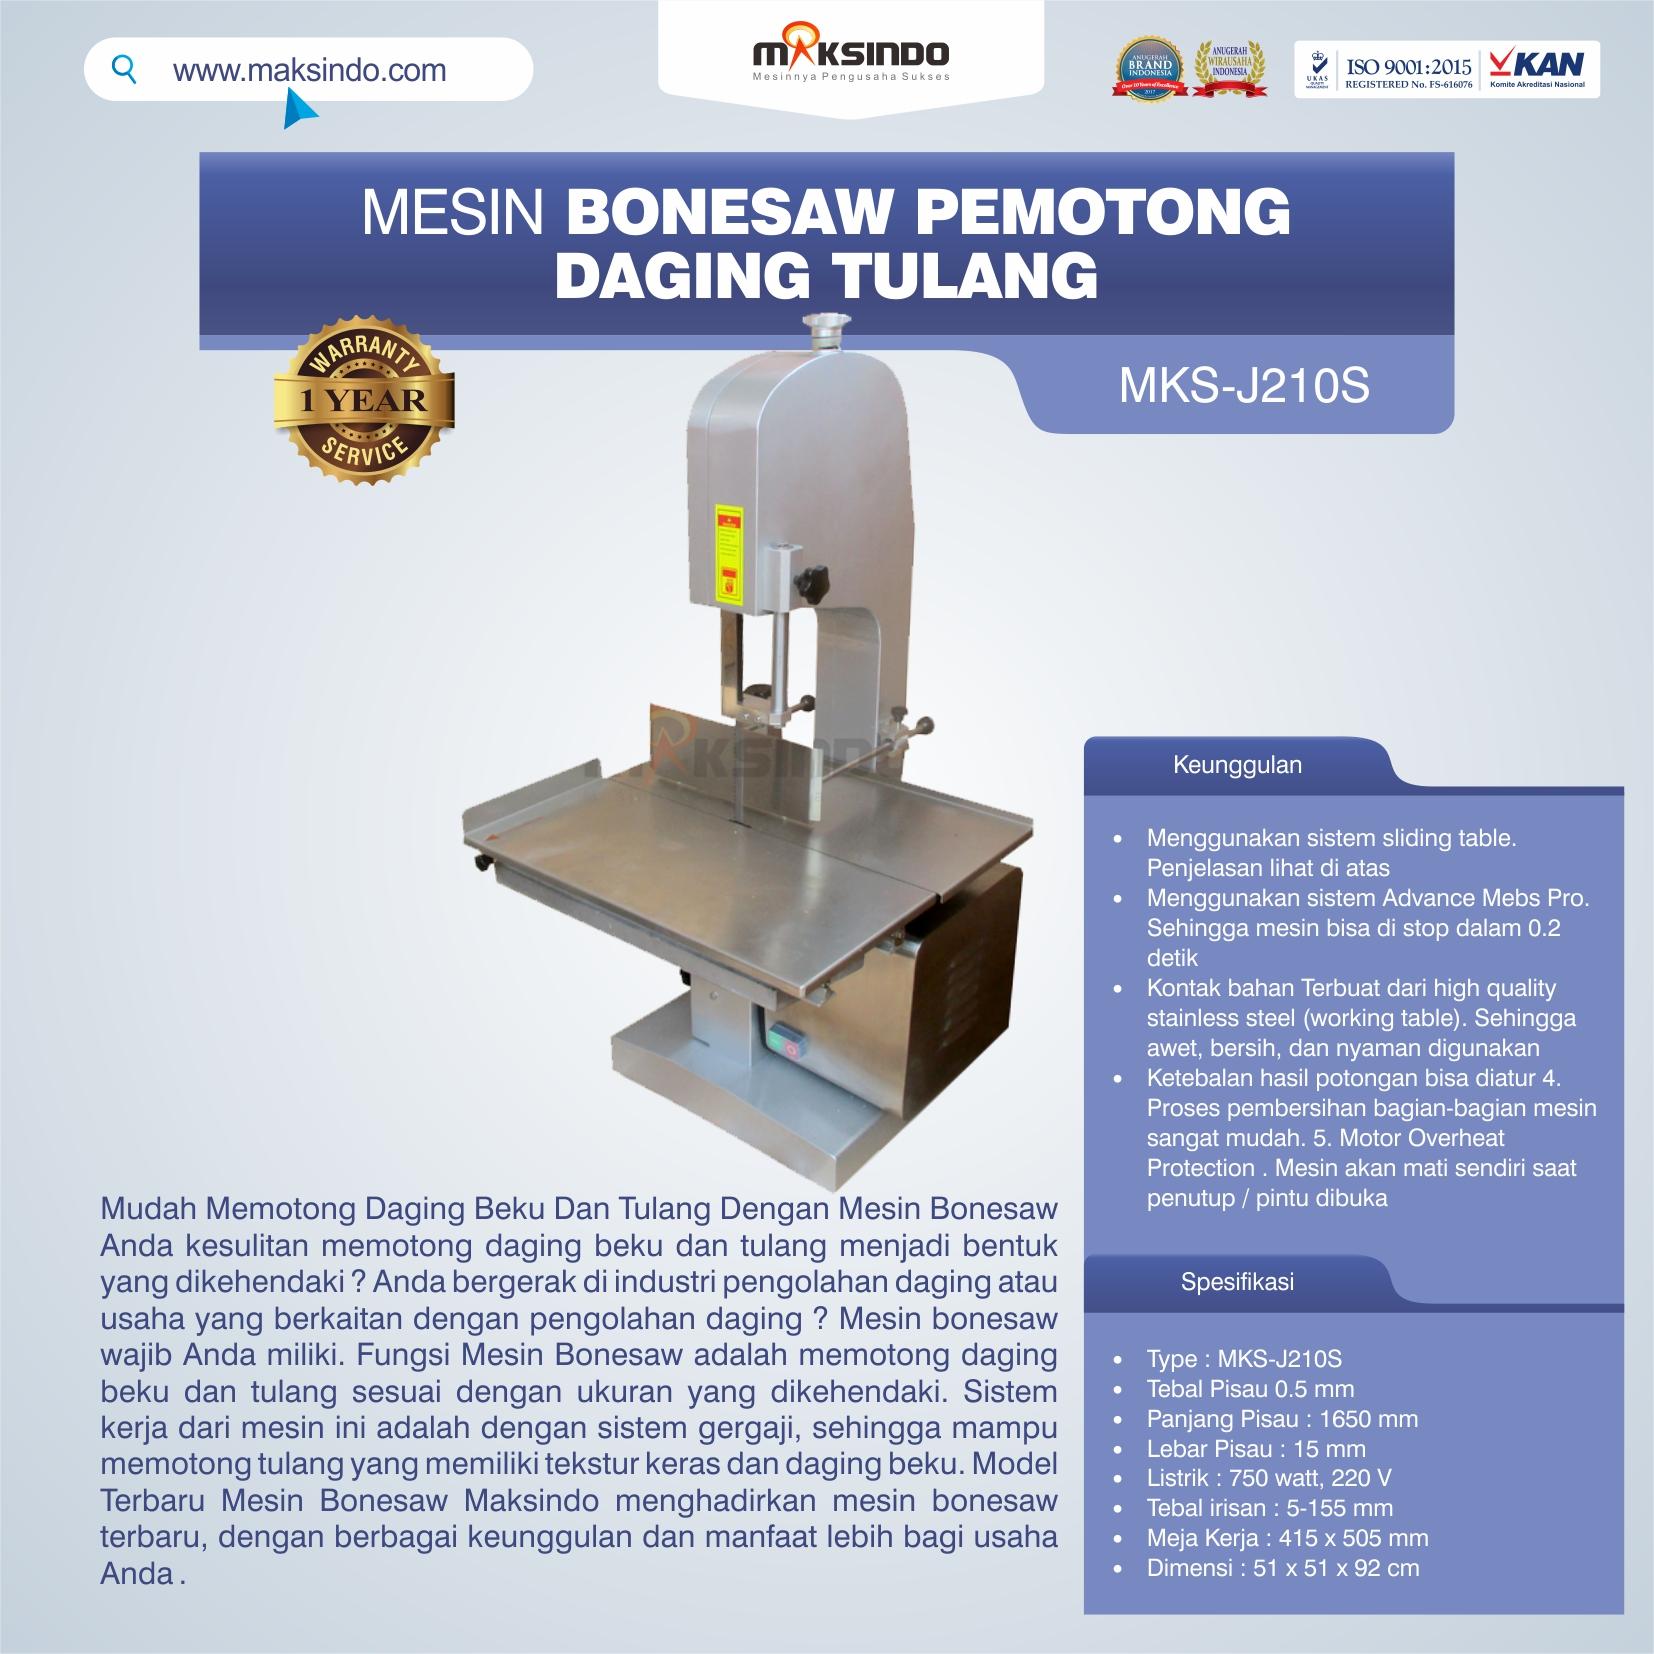 Jual Mesin Bonesaw Pemotong Daging Tulang (MKS-J210S) di Blitar